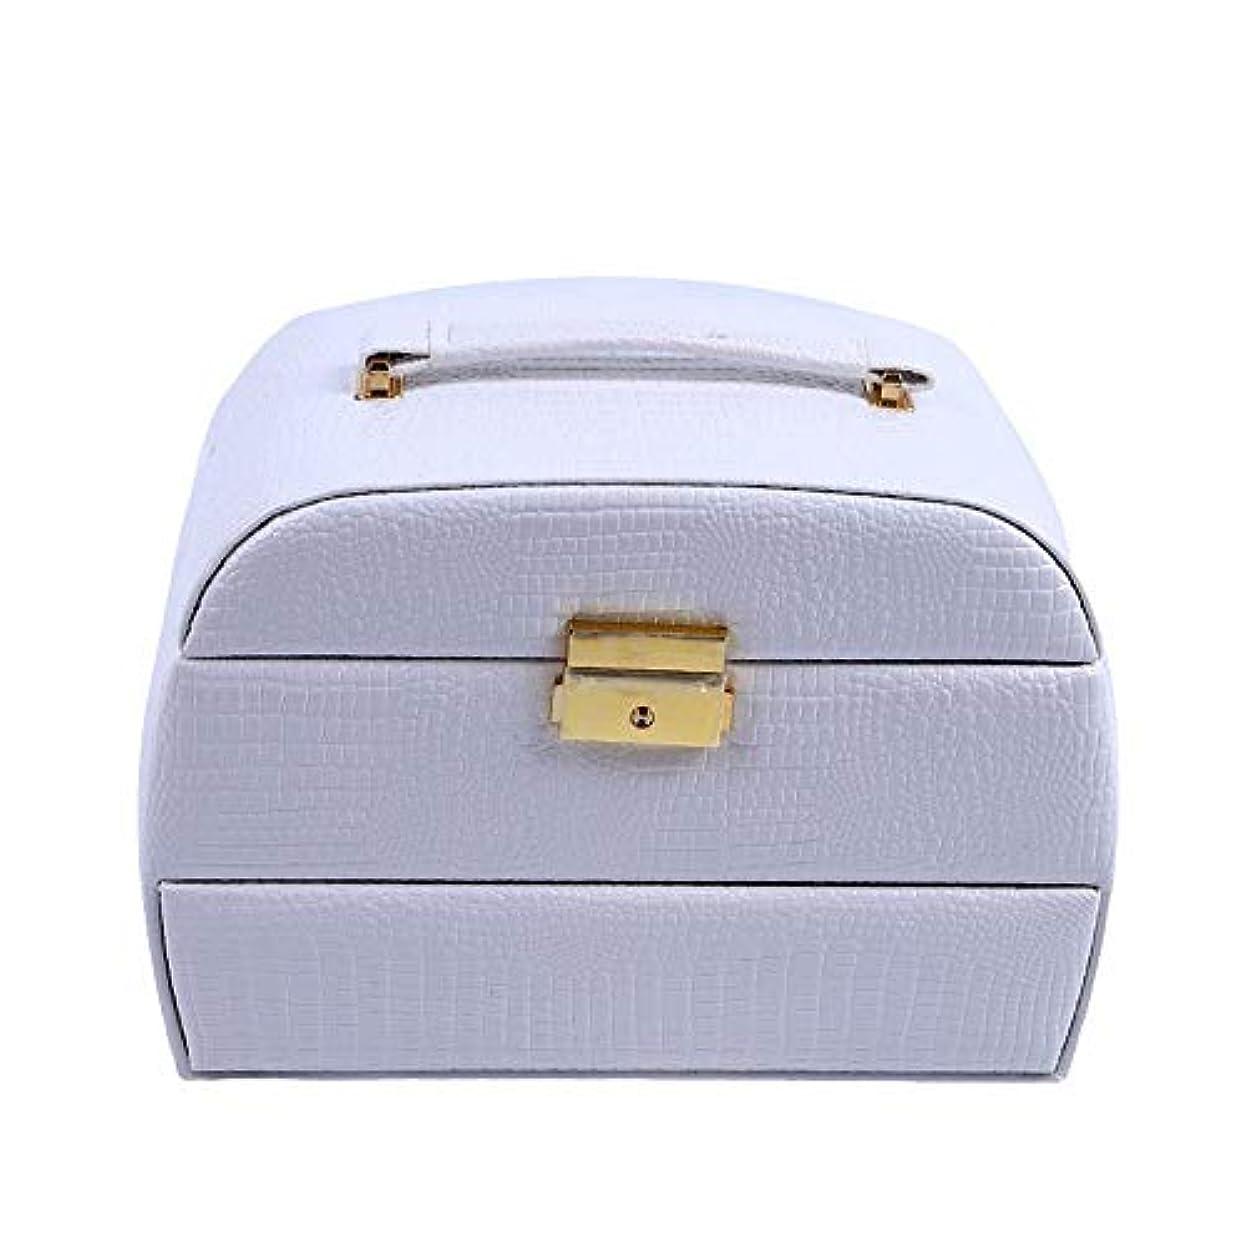 ムスゴミ定期的化粧オーガナイザーバッグ 美容メイクアップのための大容量ポータブル化粧ケース、女性化粧ミラー付きのロック付き女性旅行と毎日の保管 化粧品ケース